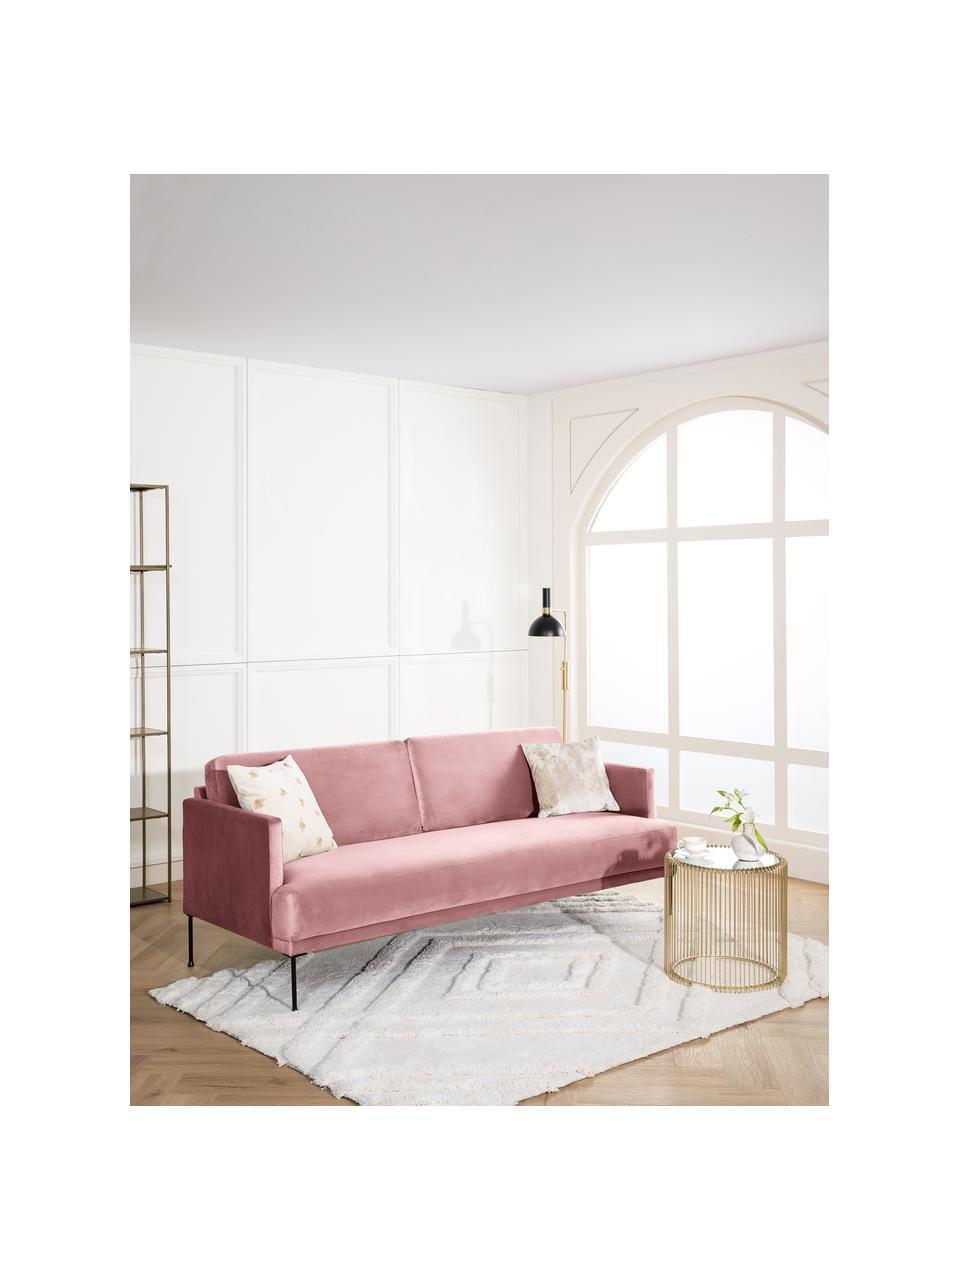 Samt-Sofa Fluente (3-Sitzer) in Rosa mit Metall-Füßen, Bezug: Samt (Hochwertiger Polyes, Gestell: Massives Kiefernholz, Füße: Metall, pulverbeschichtet, Samt Rosa, B 196 x T 85 cm